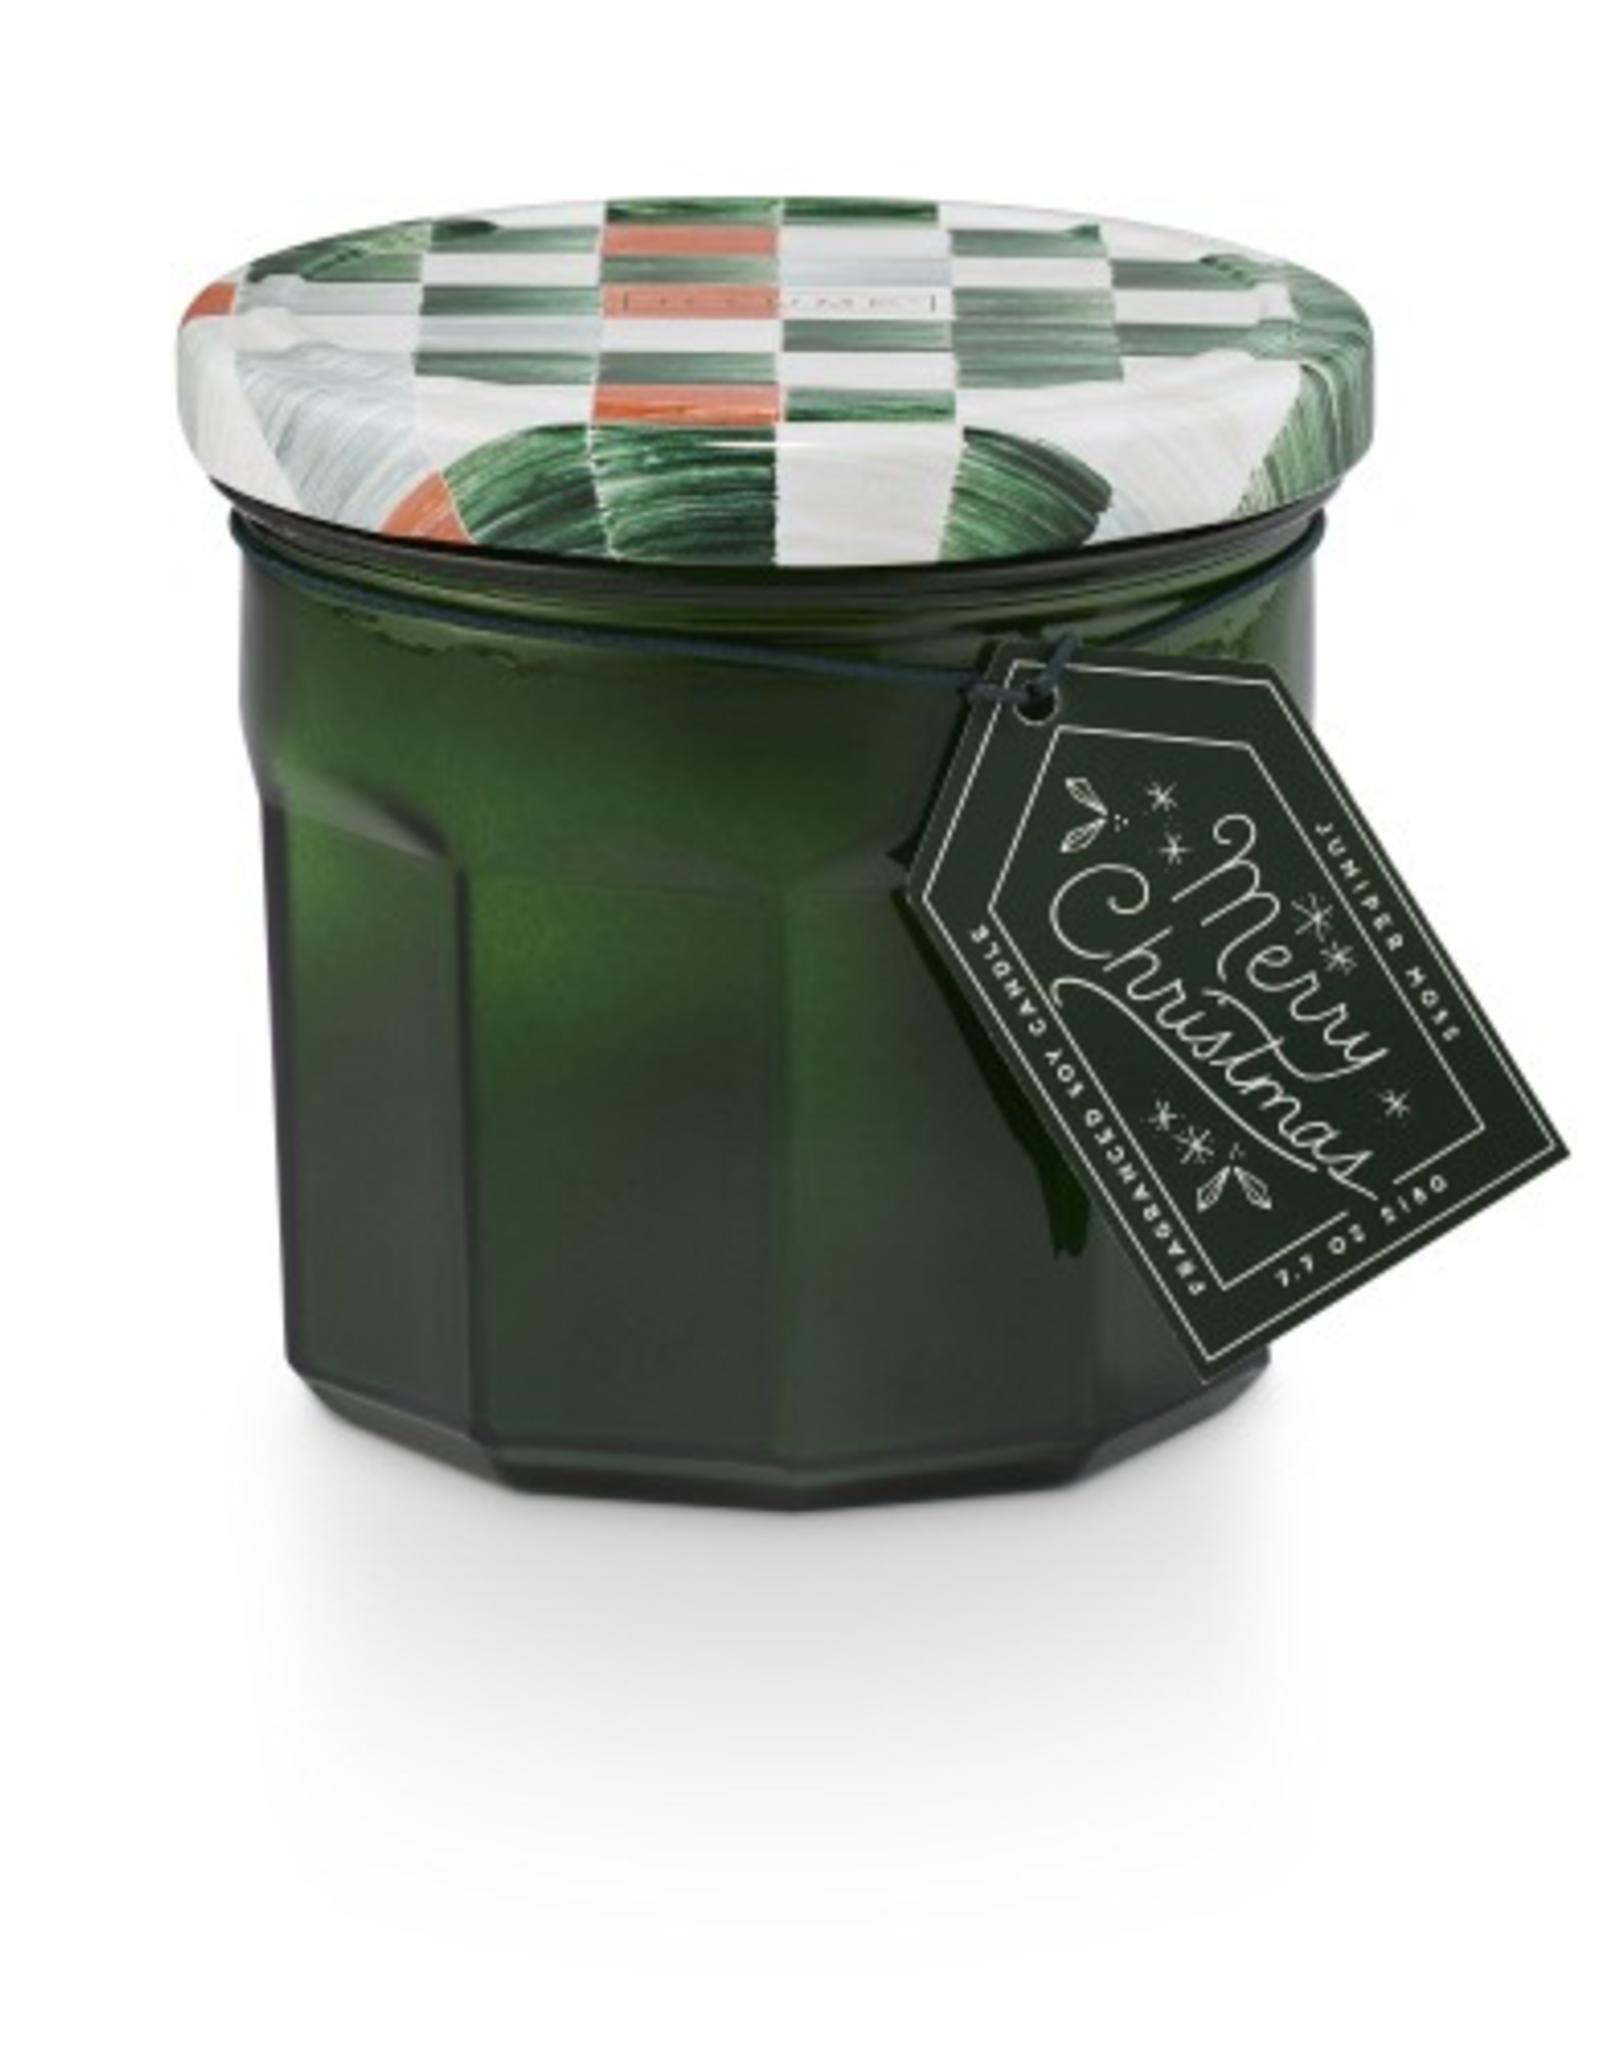 Juniper Moss Candle - Reg $27 - Now $13